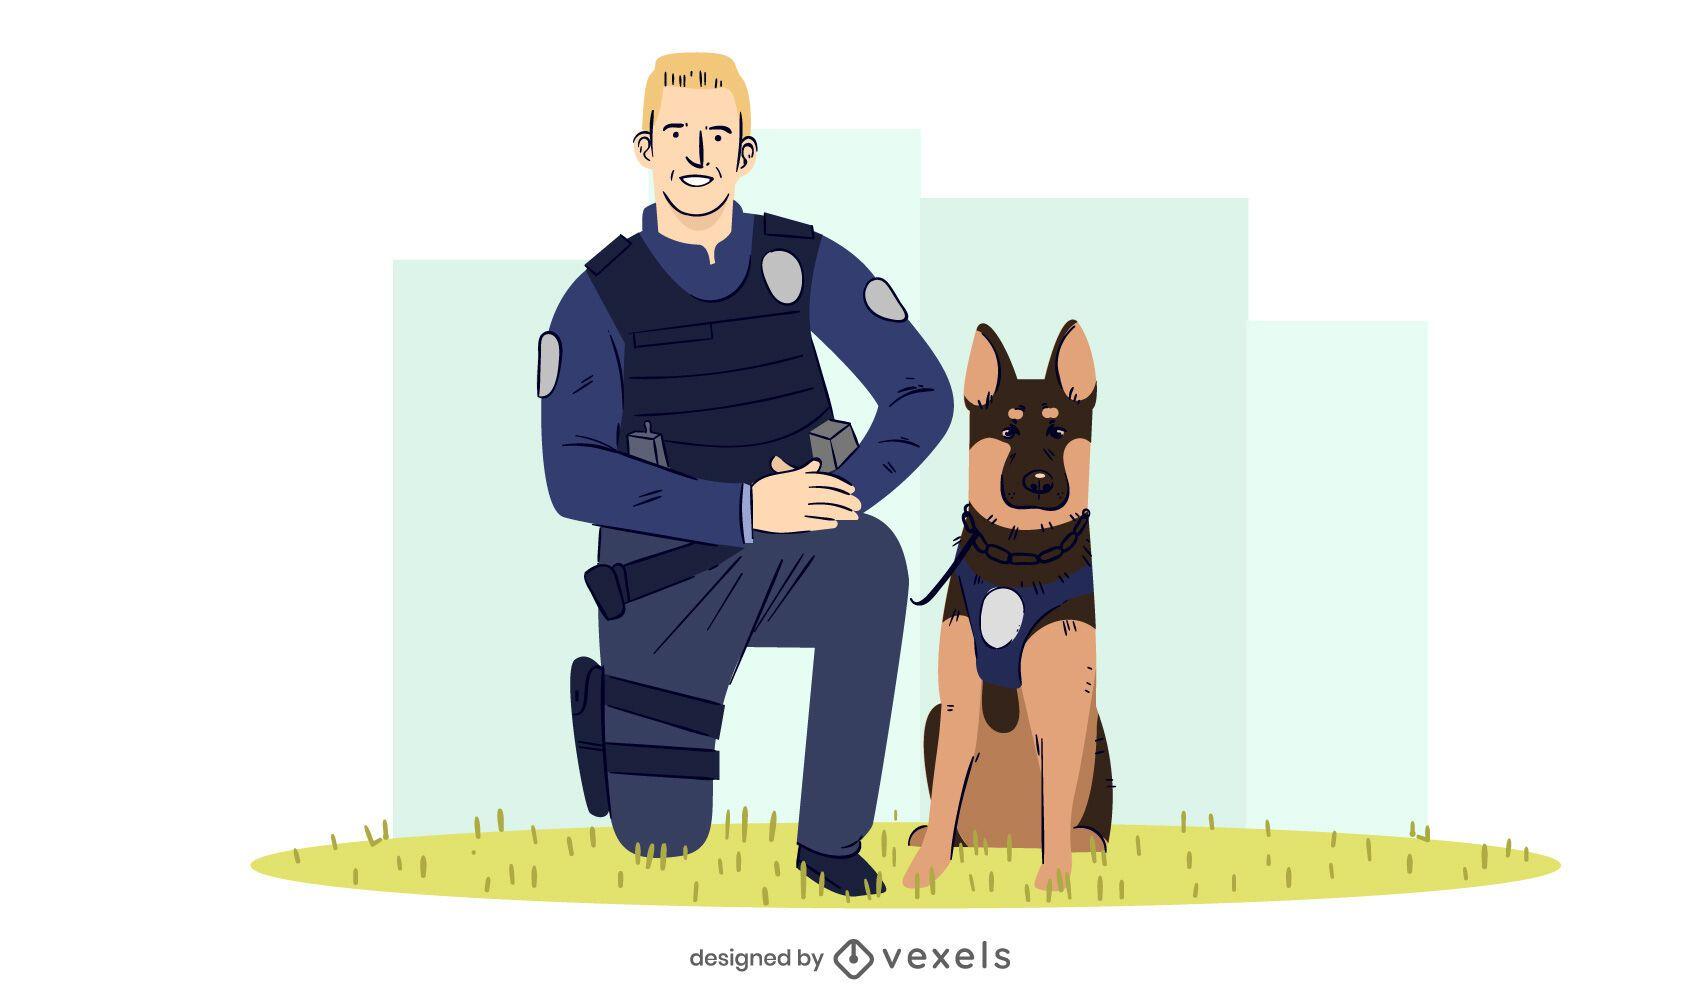 Police dog illustration design